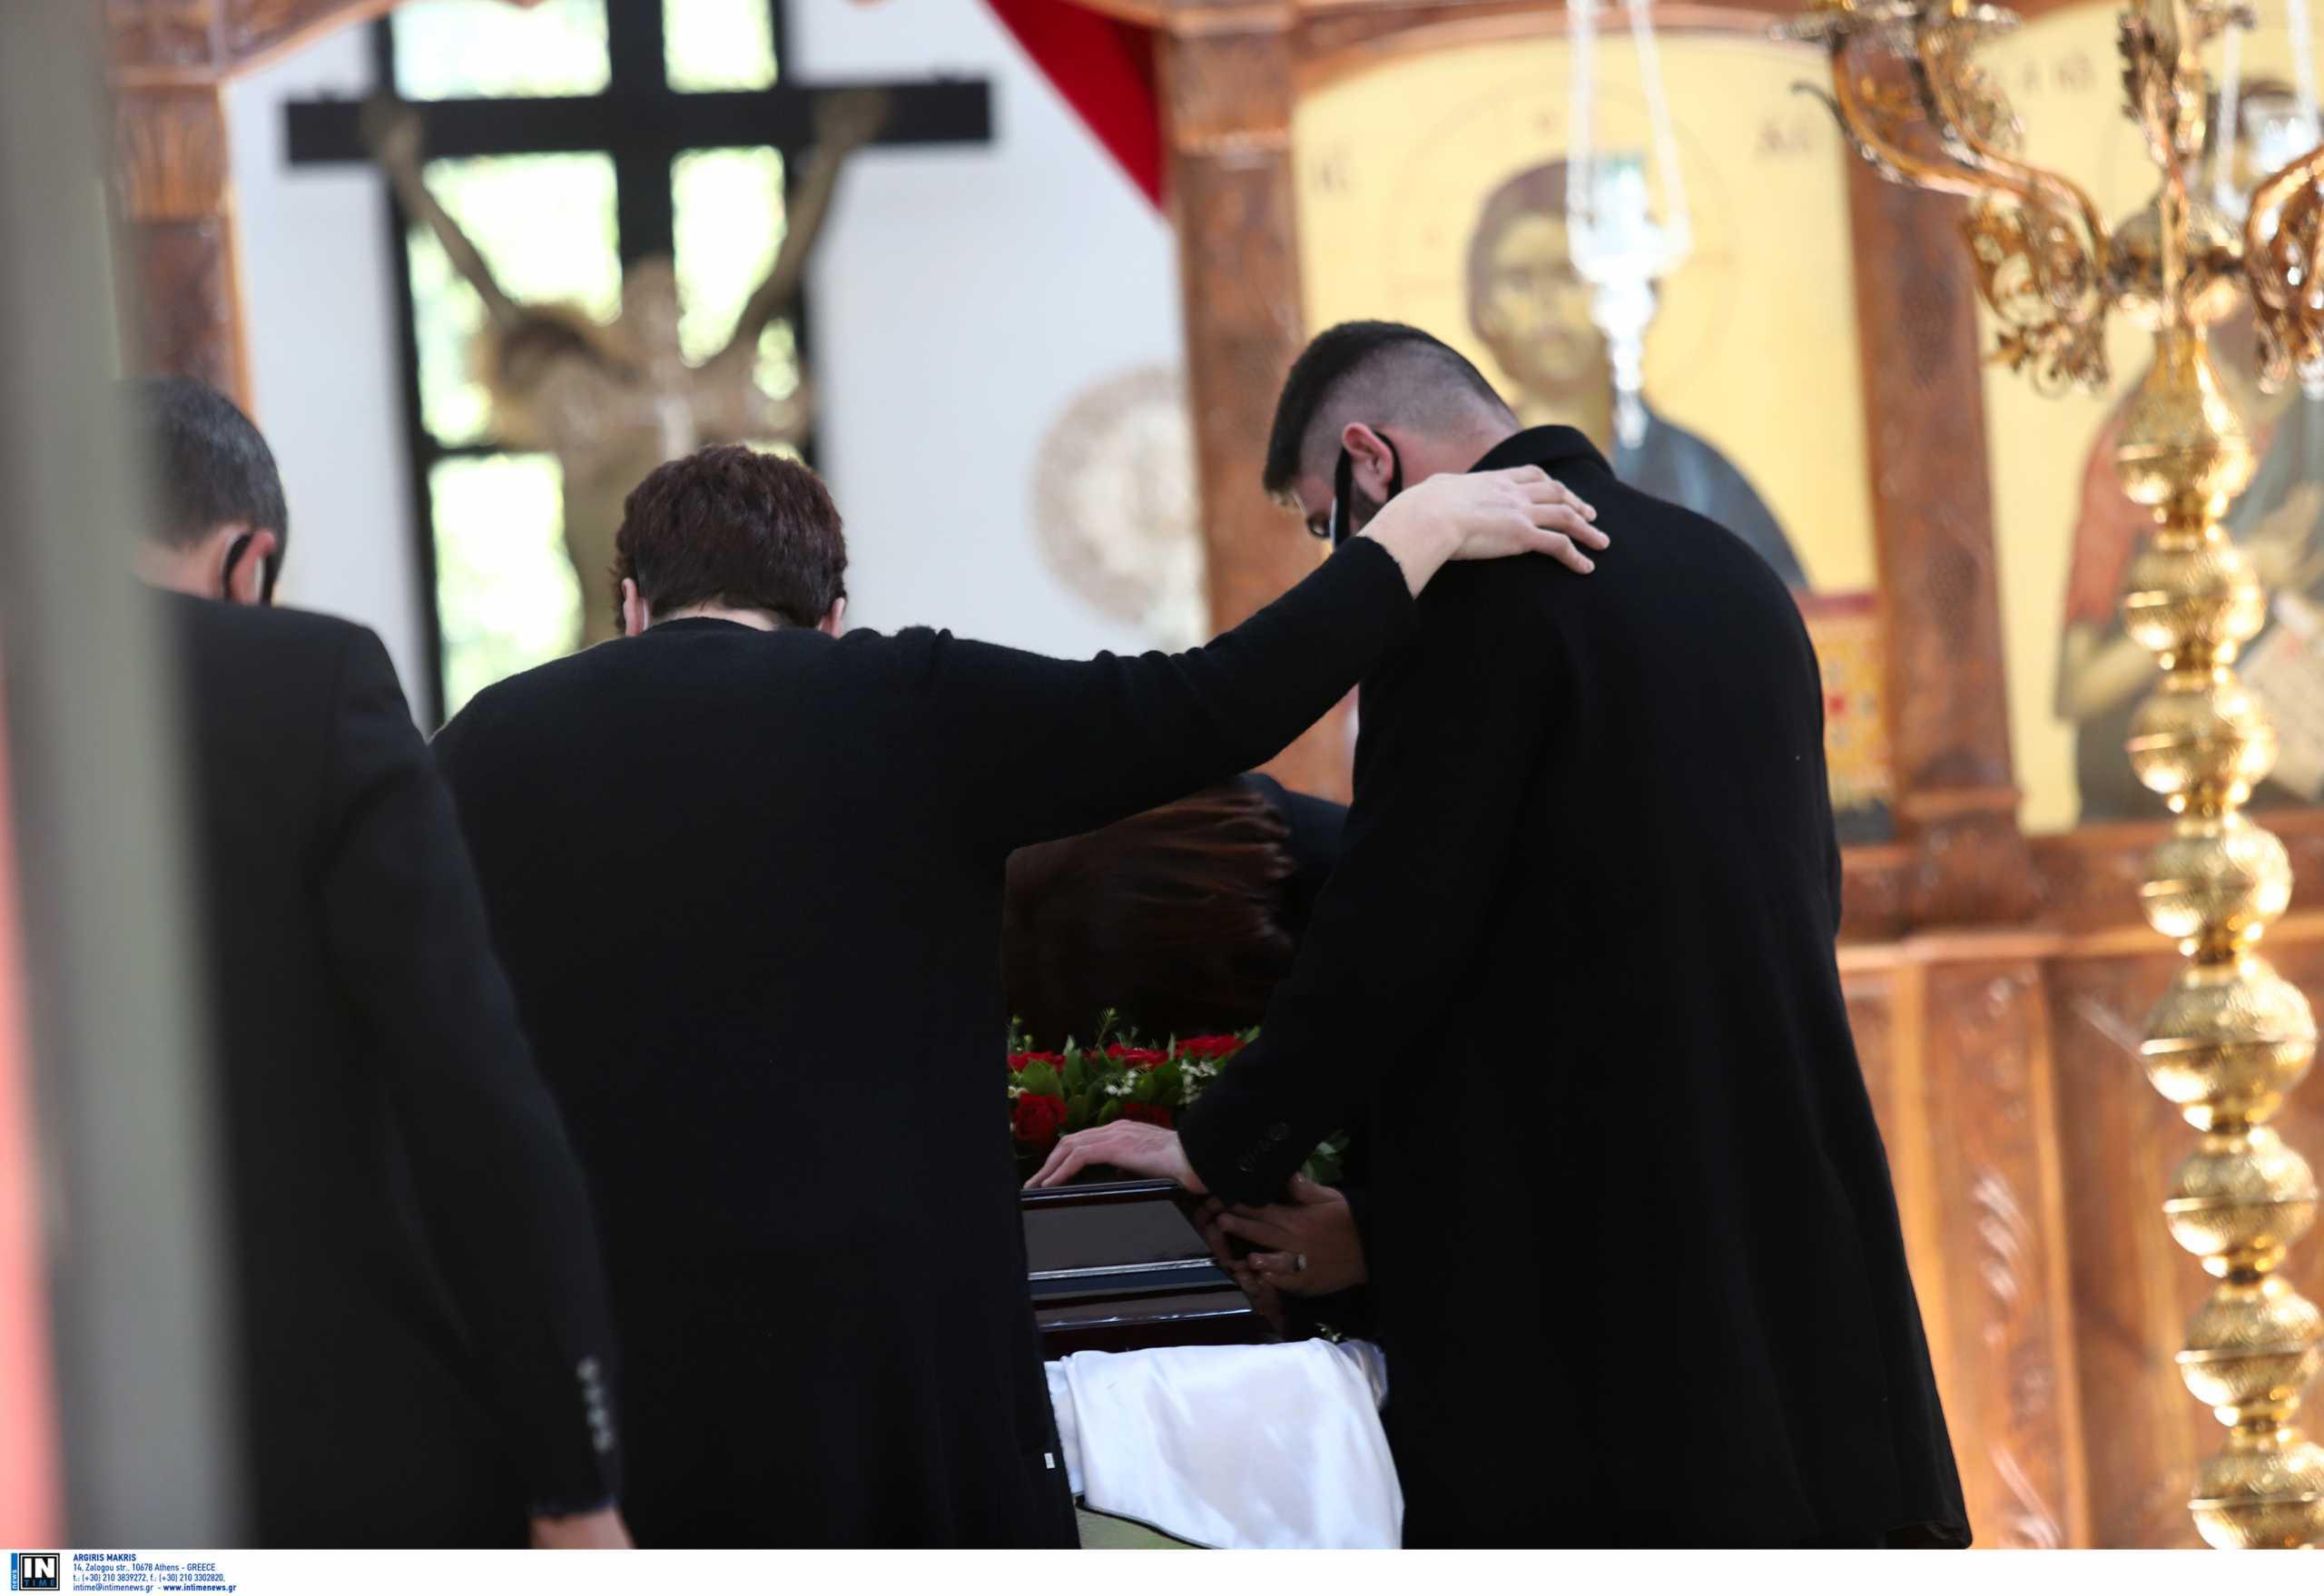 Γιώργος Καραϊβάζ: Η κηδεία και η εικόνα που έκανε τους πάντες να δακρύσουν (pics, video)